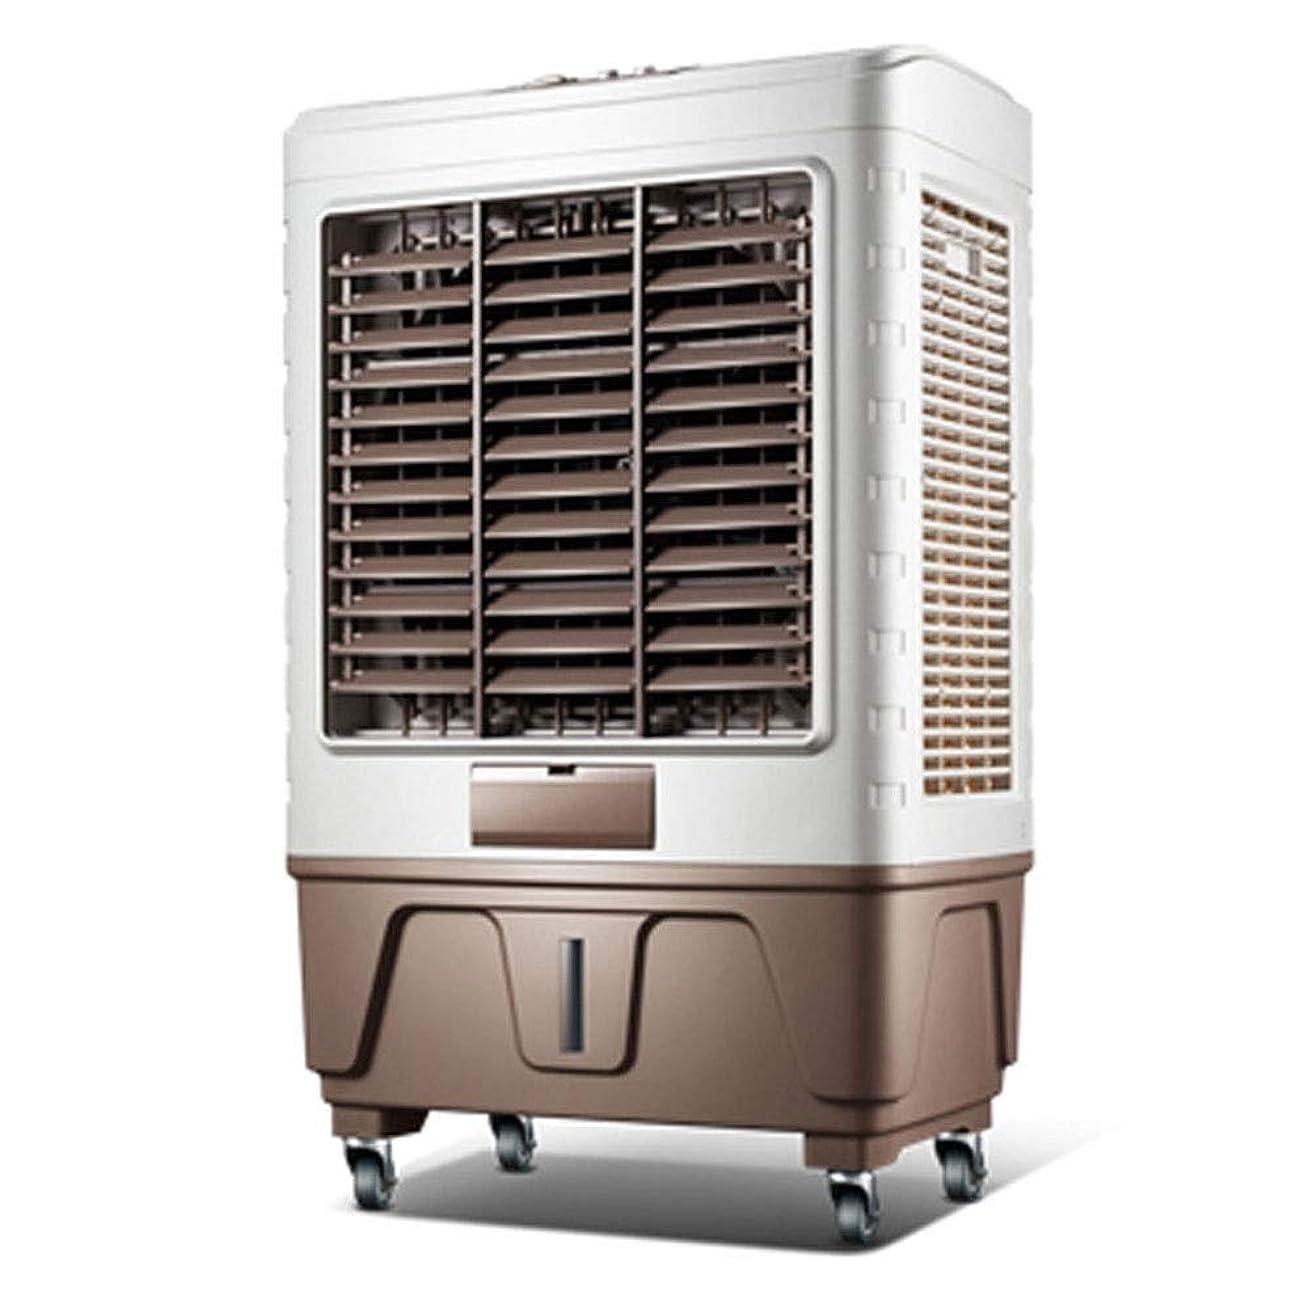 プラットフォームサークル劣るQFLY パーソナルスペースエアコンモバイルエアコンファンホーム大型エアクーラー冷凍空気機械商業用冷却ファン